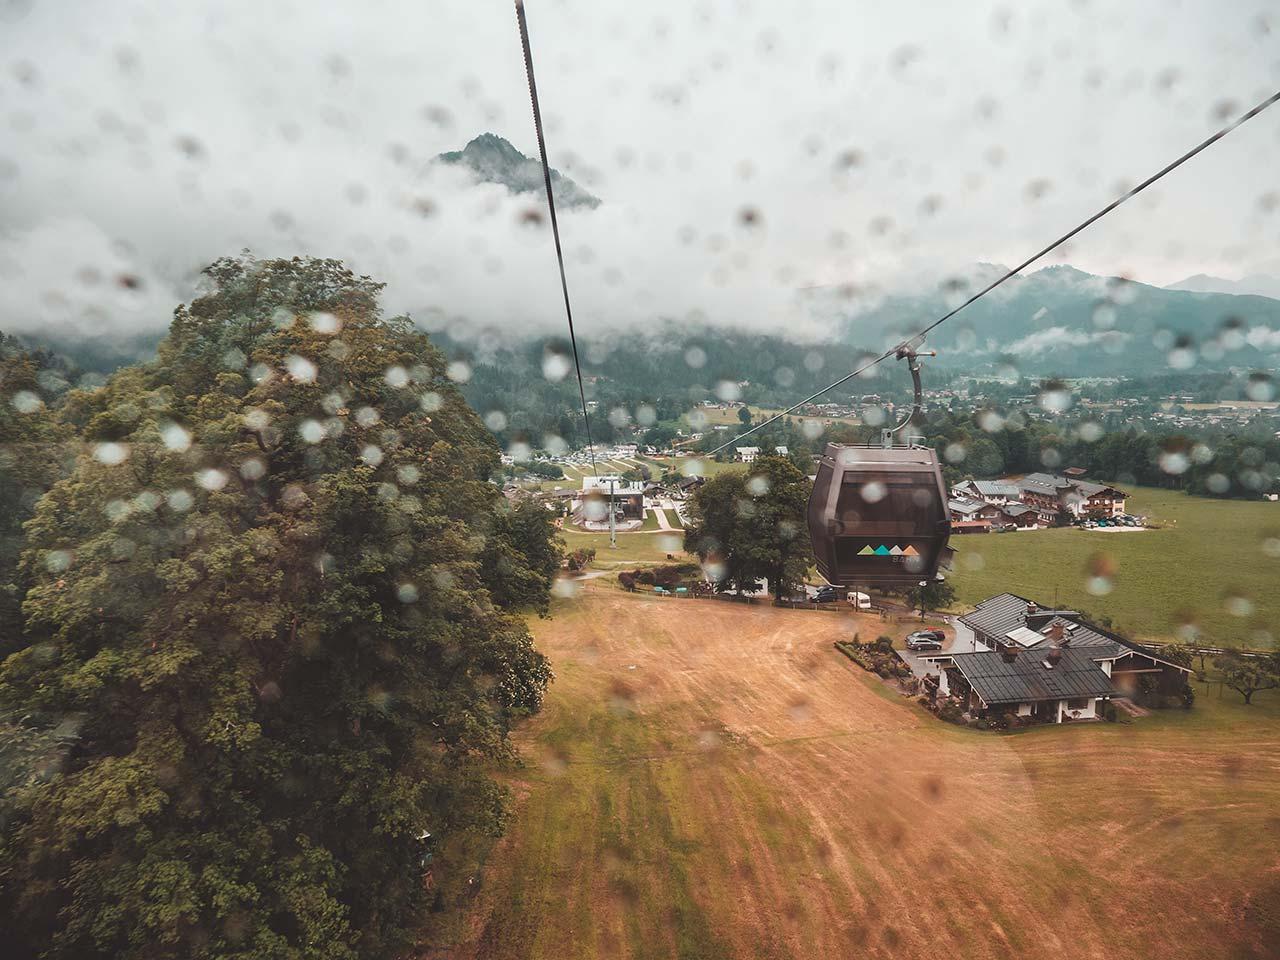 Fahrt mit der Jennerbahn bei Regen